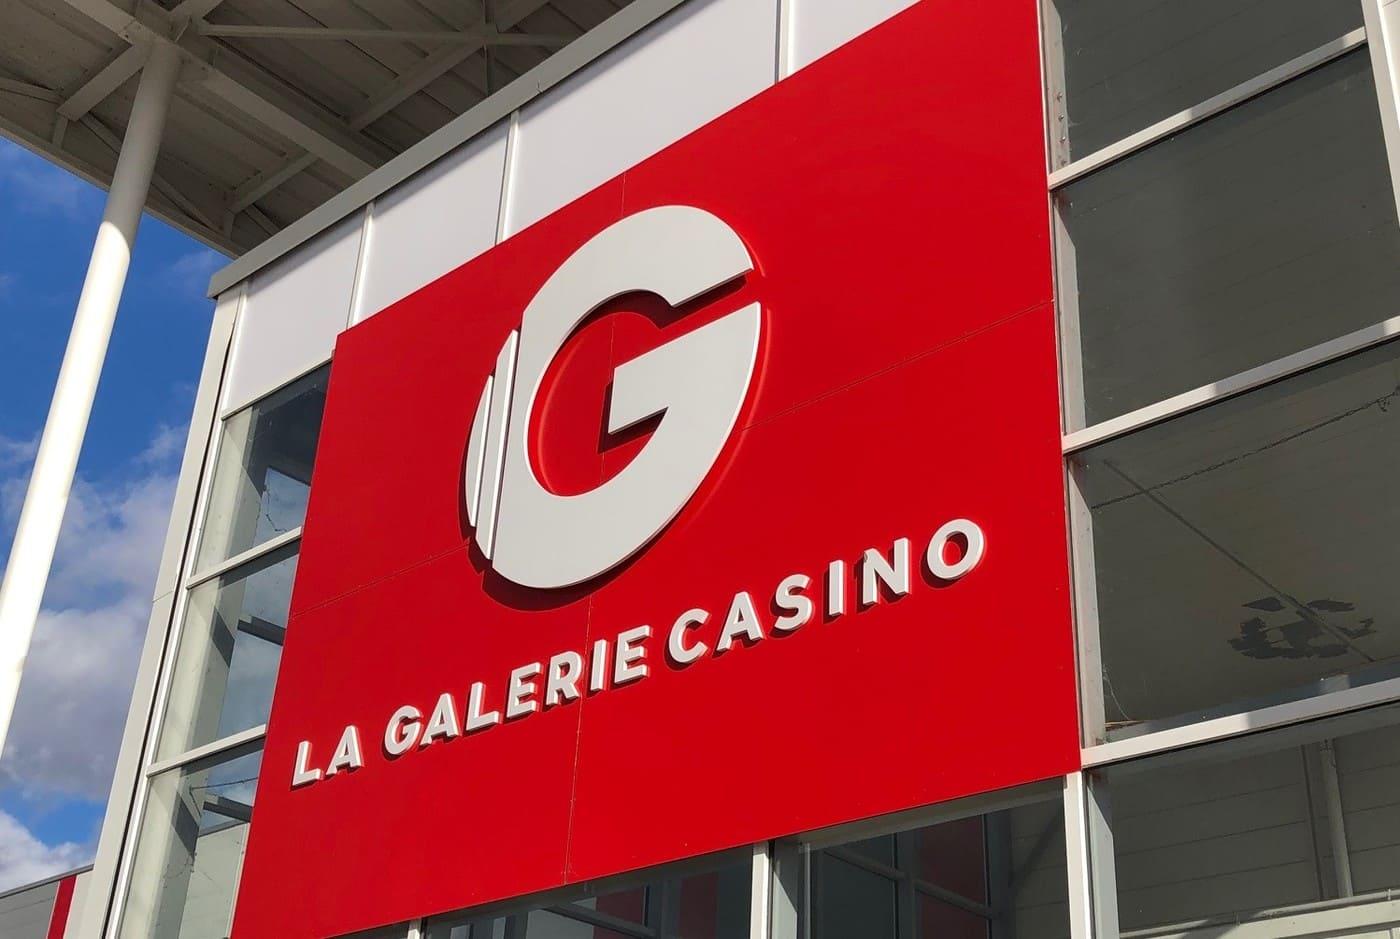 fabrication-et-pose-multisite-enseignes-supermarches_geant-casino_par-visio